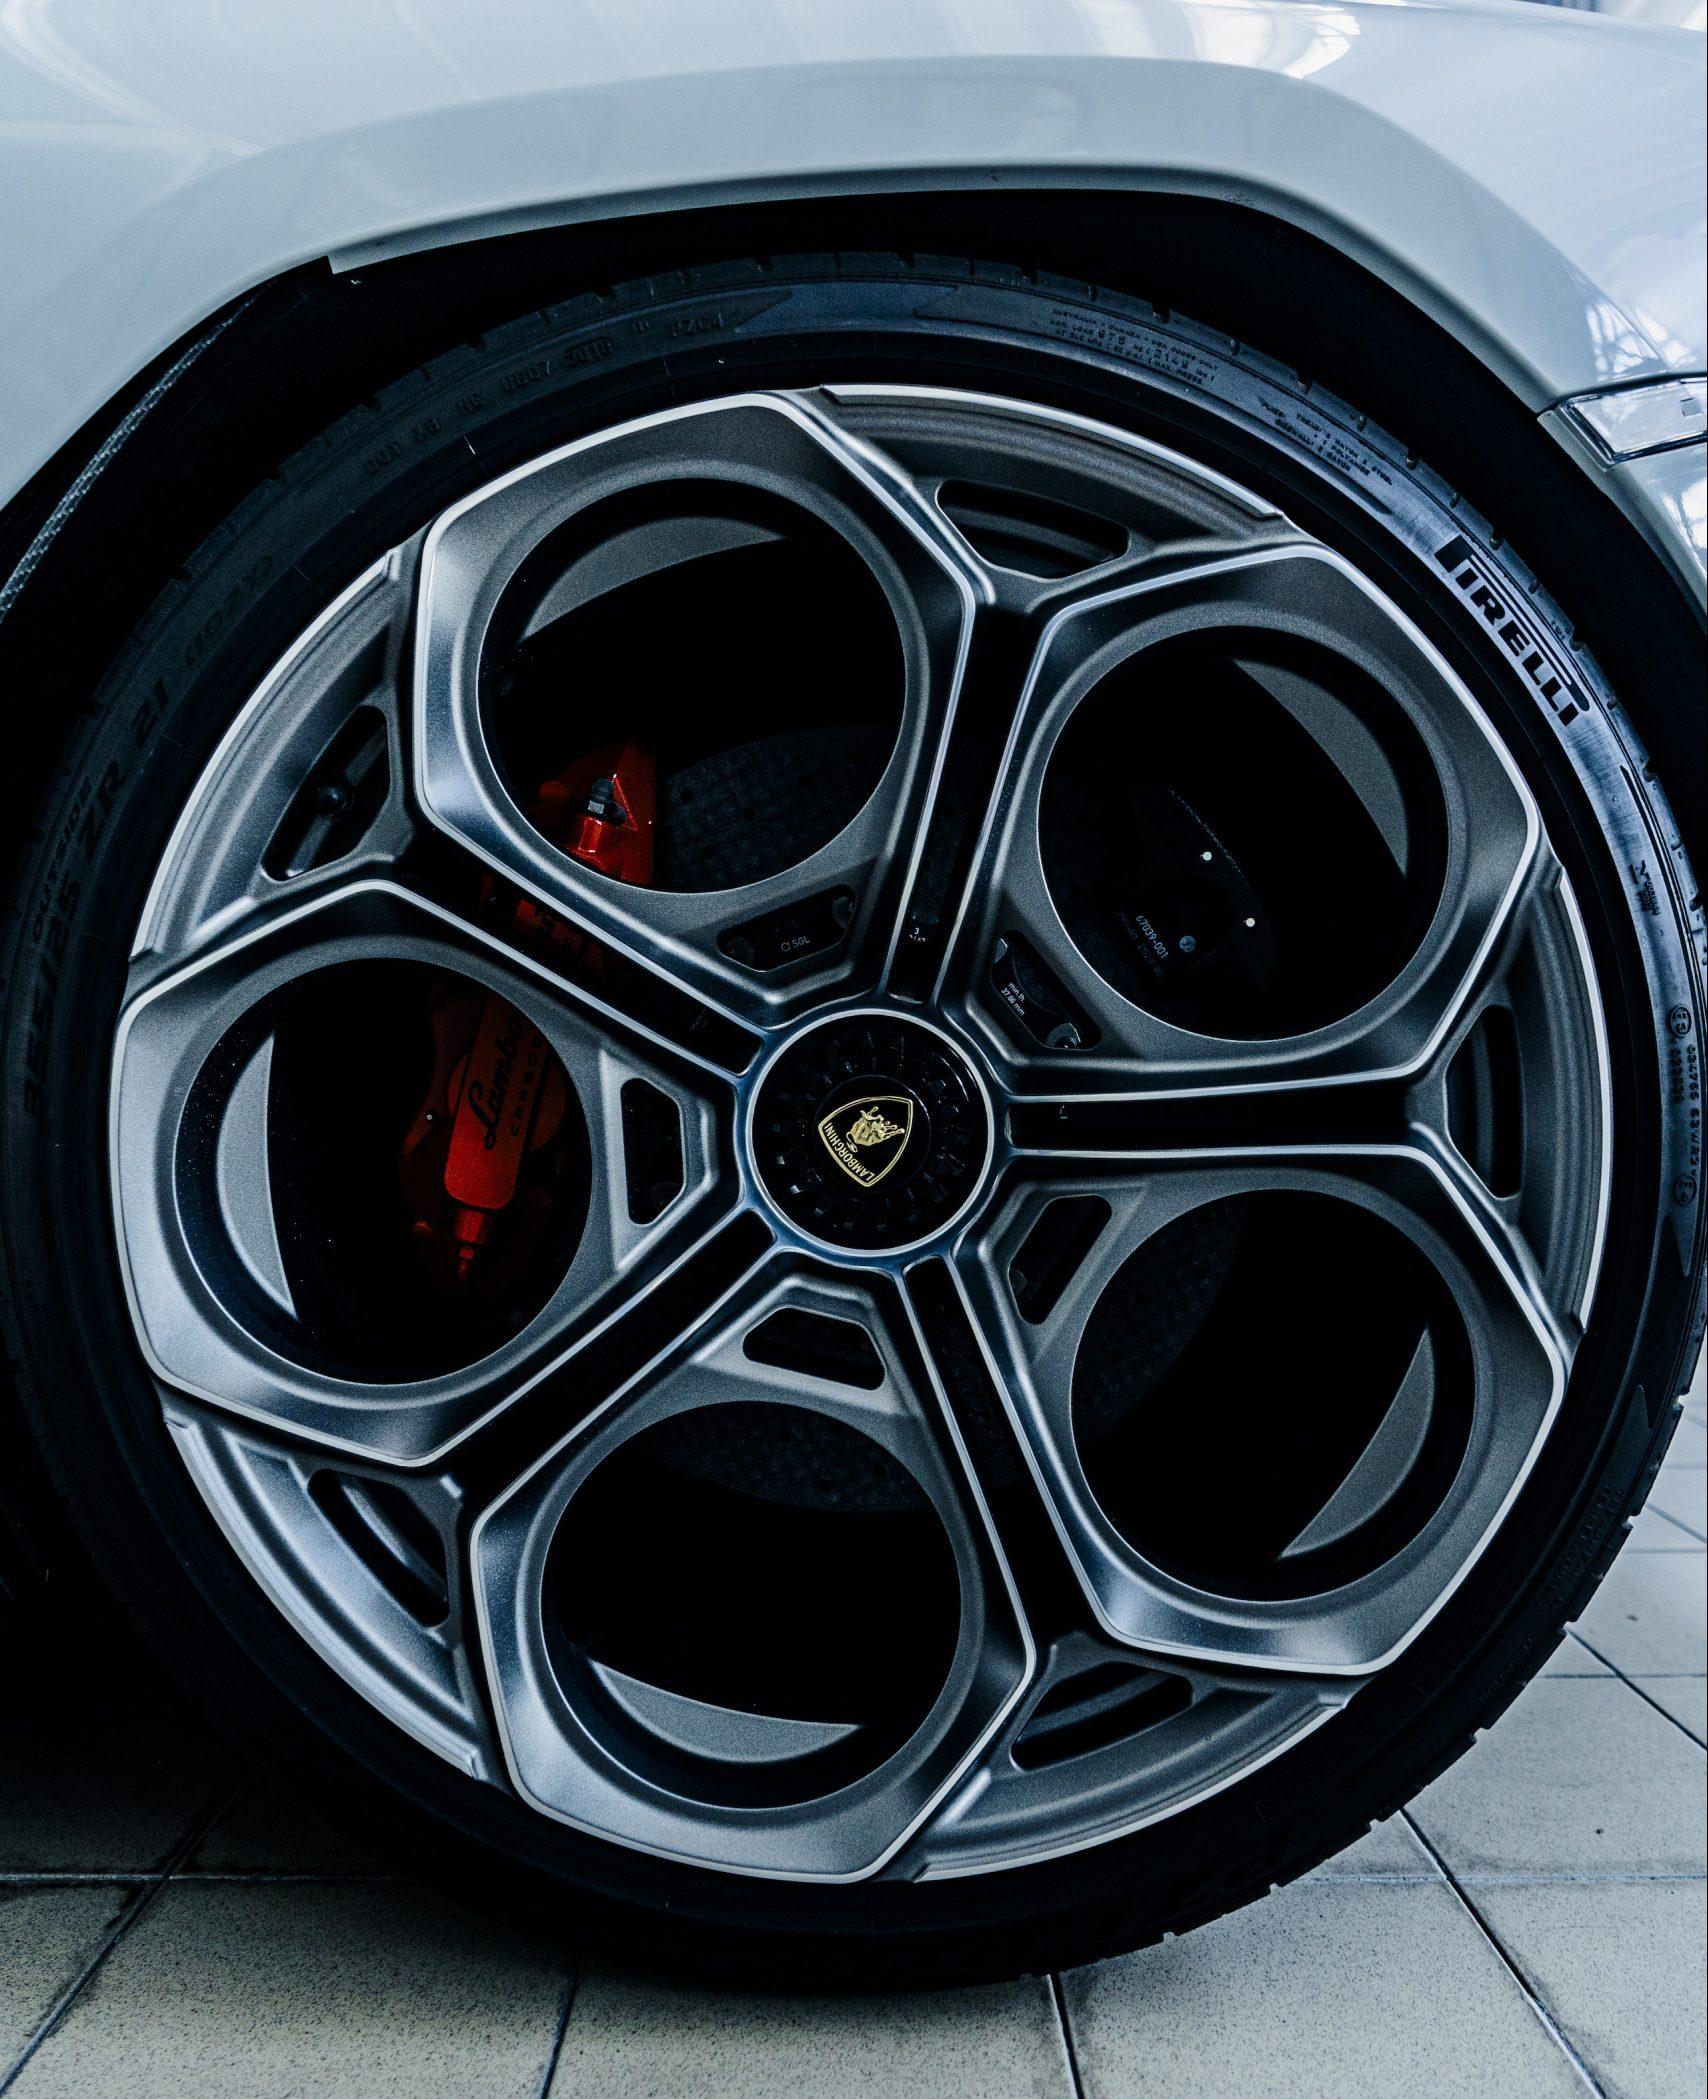 Countach LPI 800 wheel